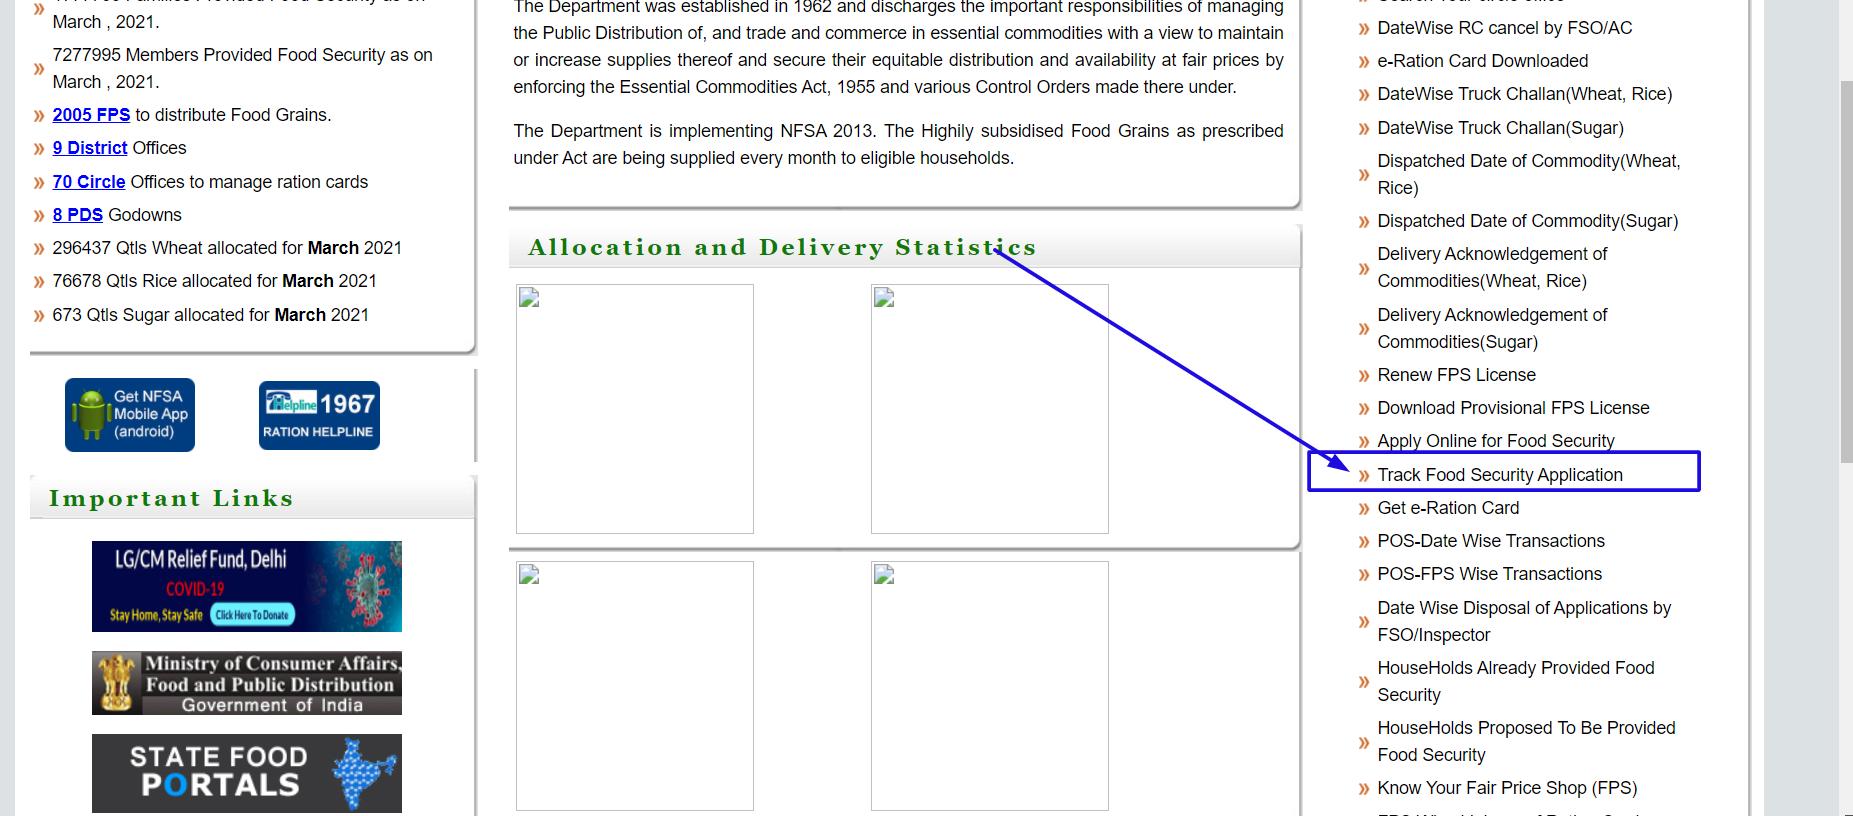 दिल्ली-राशन-कार्ड-2021-आवेदन-स्थिति-जाने